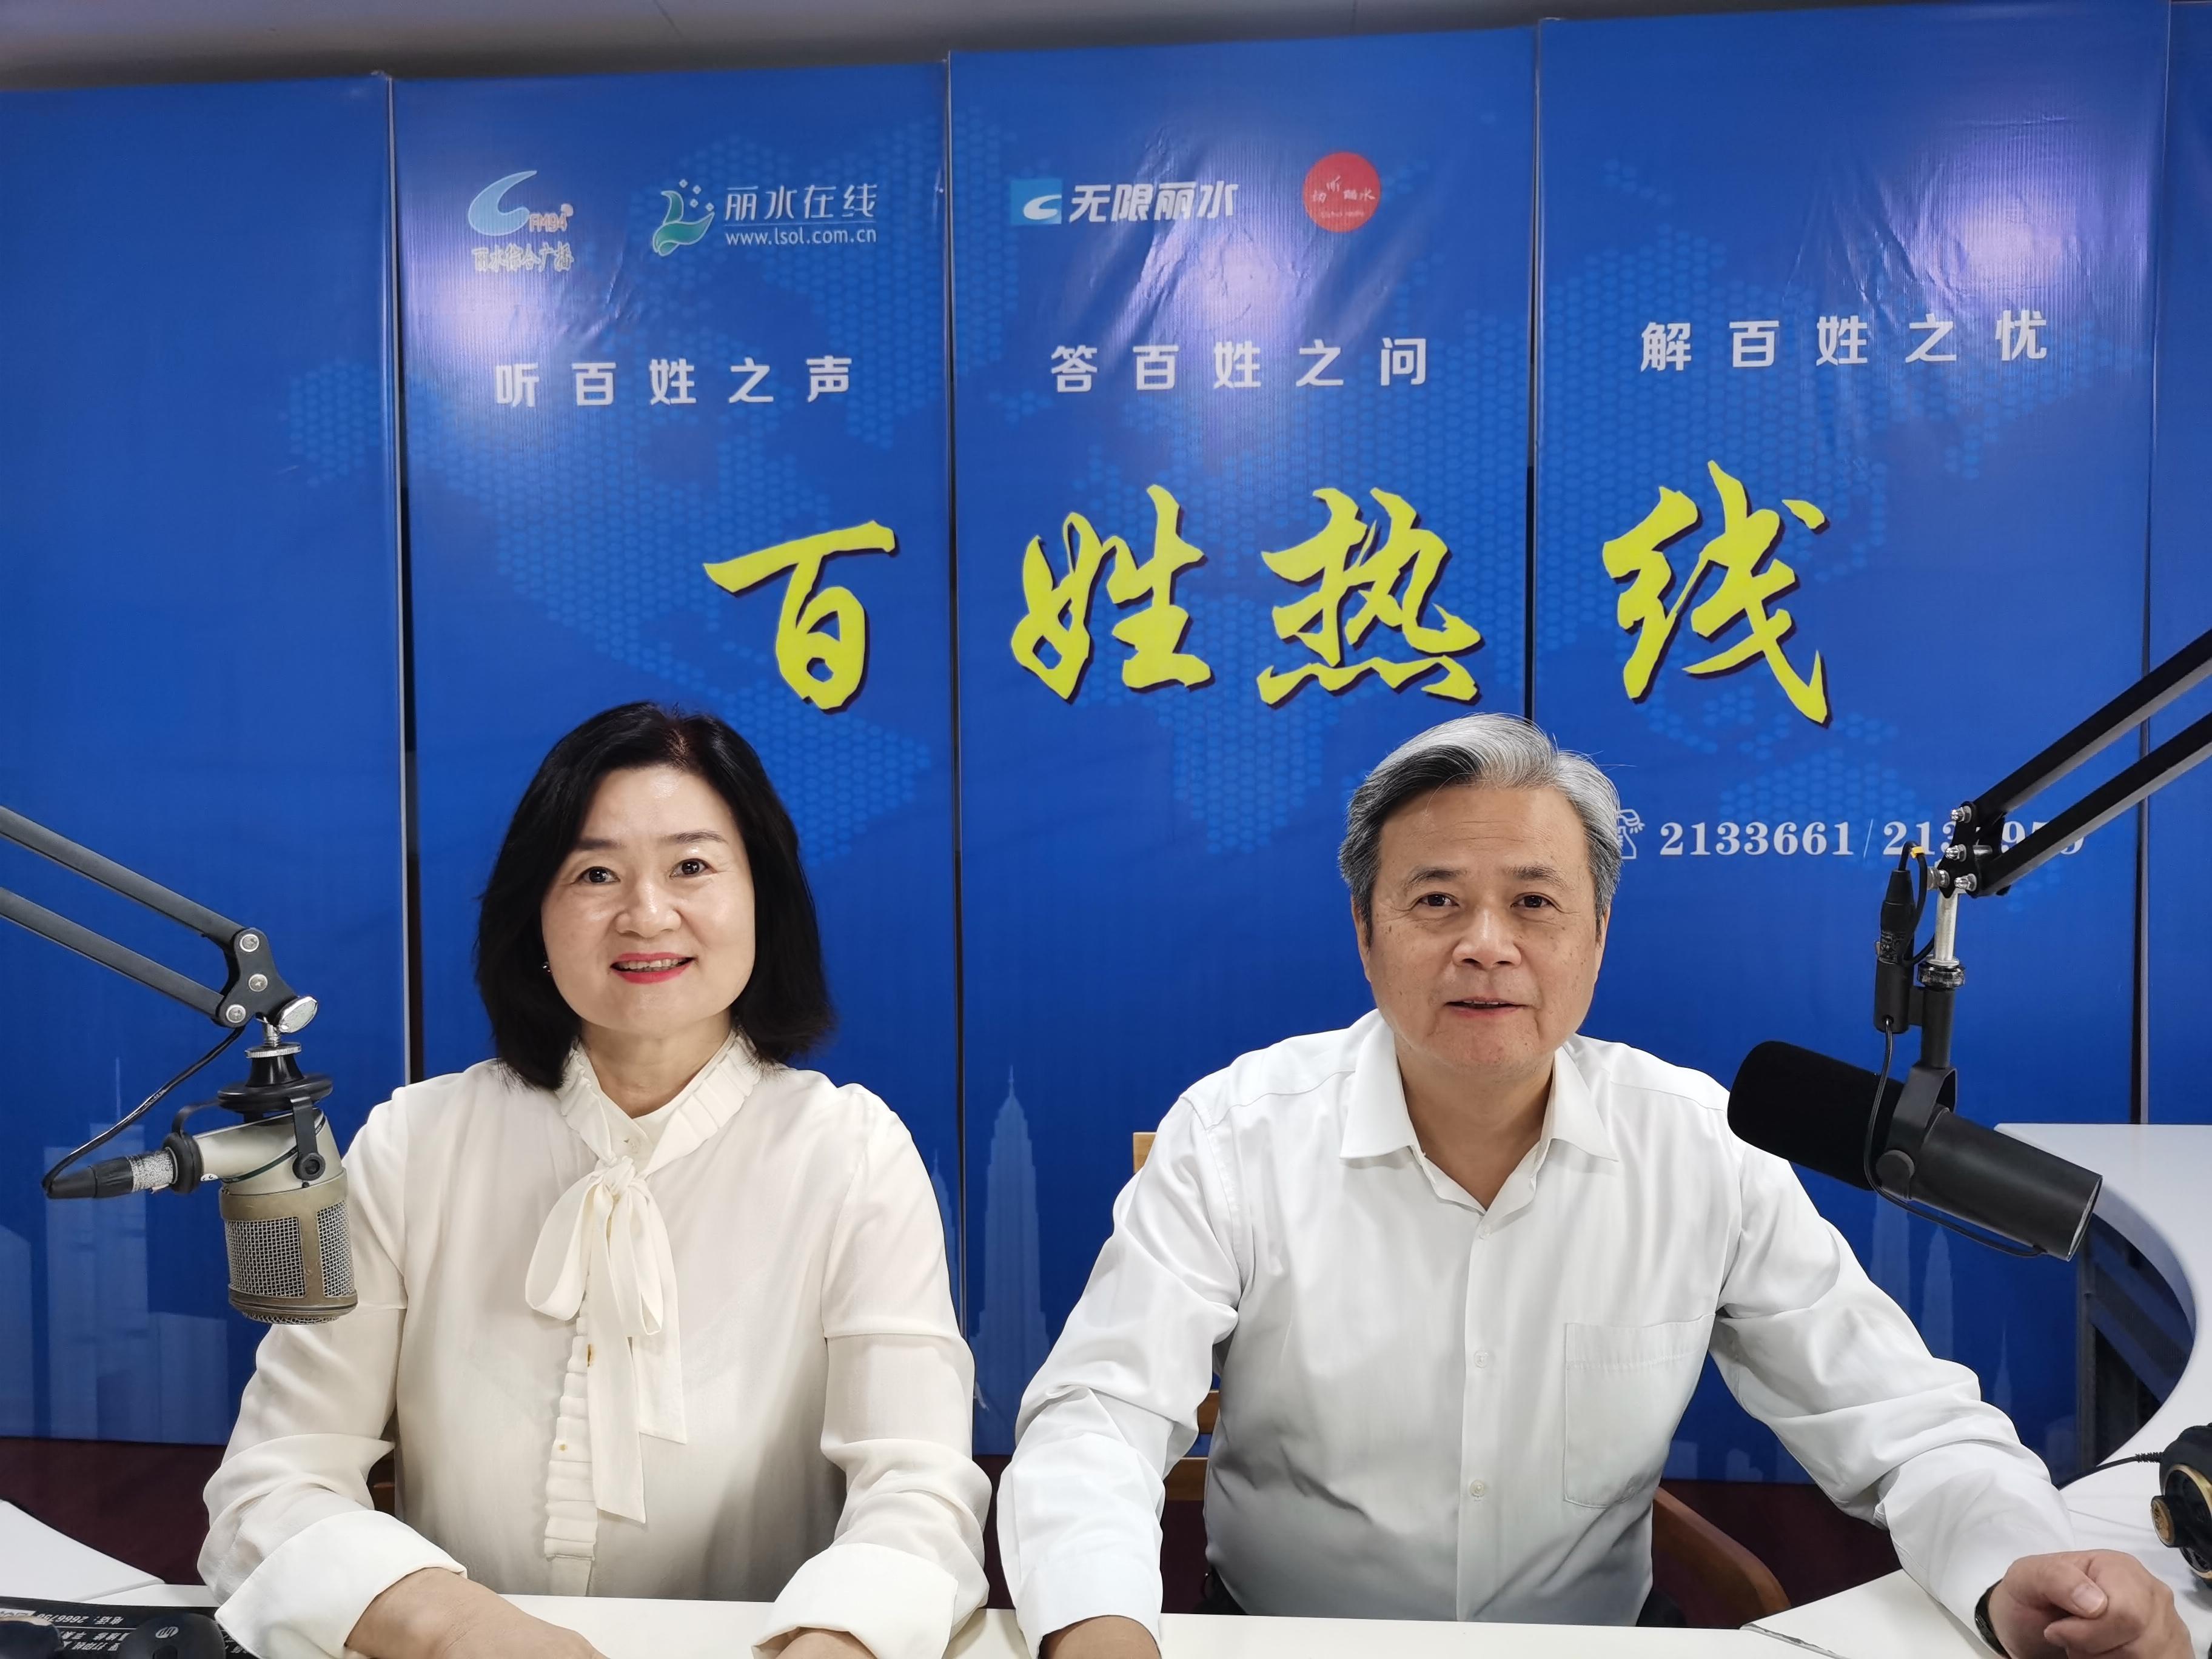 丽水市文化和广电旅游体育局党组书记 陈子民